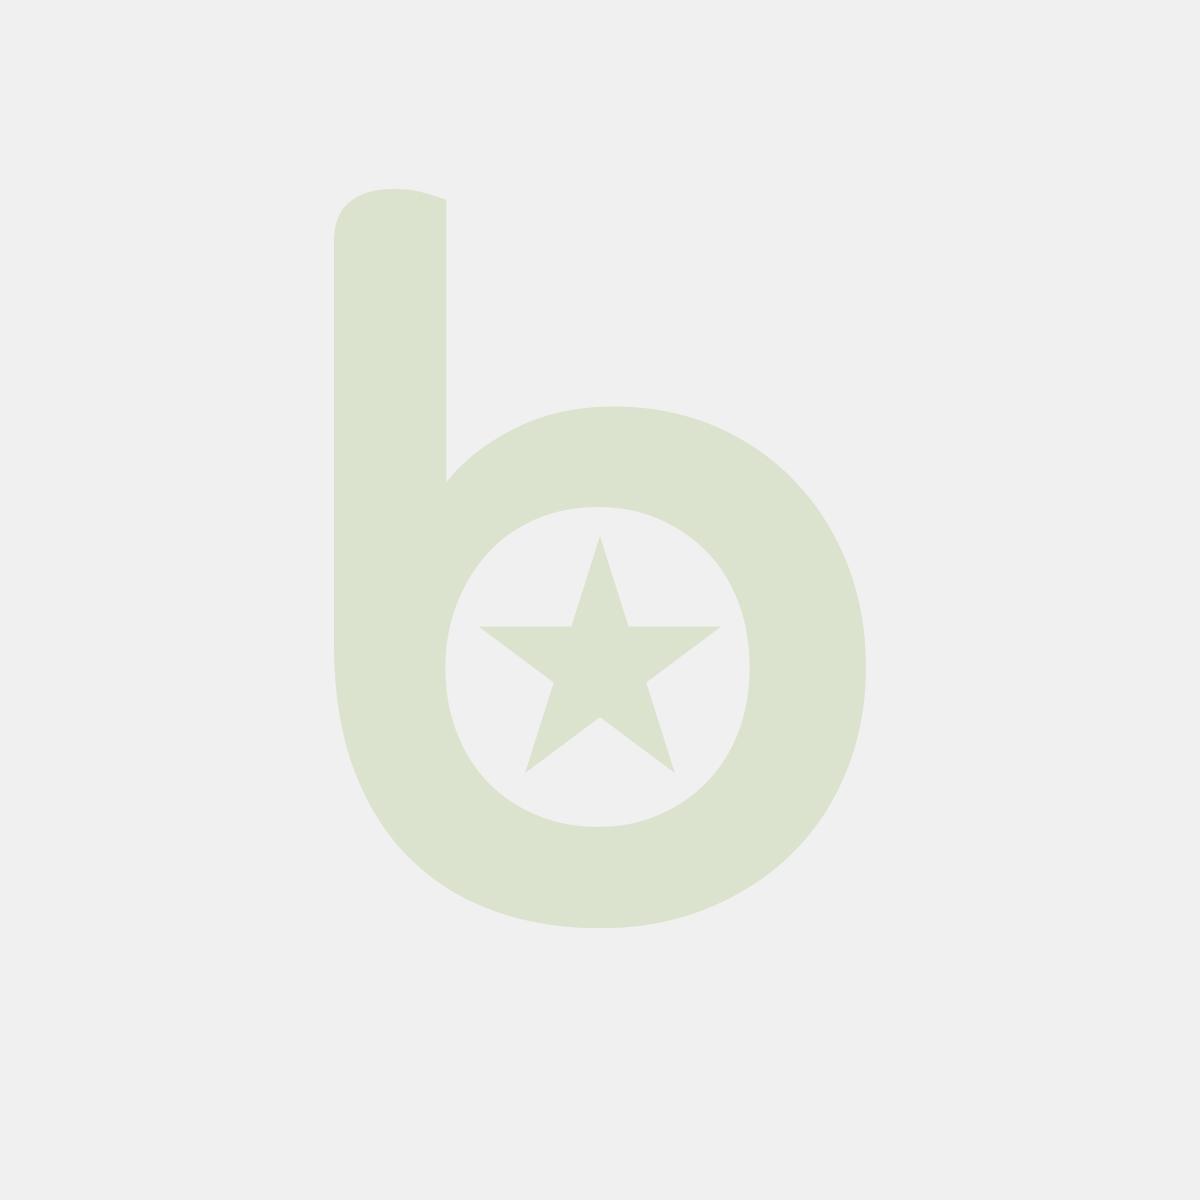 Miseczka FINGERFOOD 'Tulipan' transparentna, śr/wys: 6,4/4,5 cm, PS, 25 szt. w opakowaniu